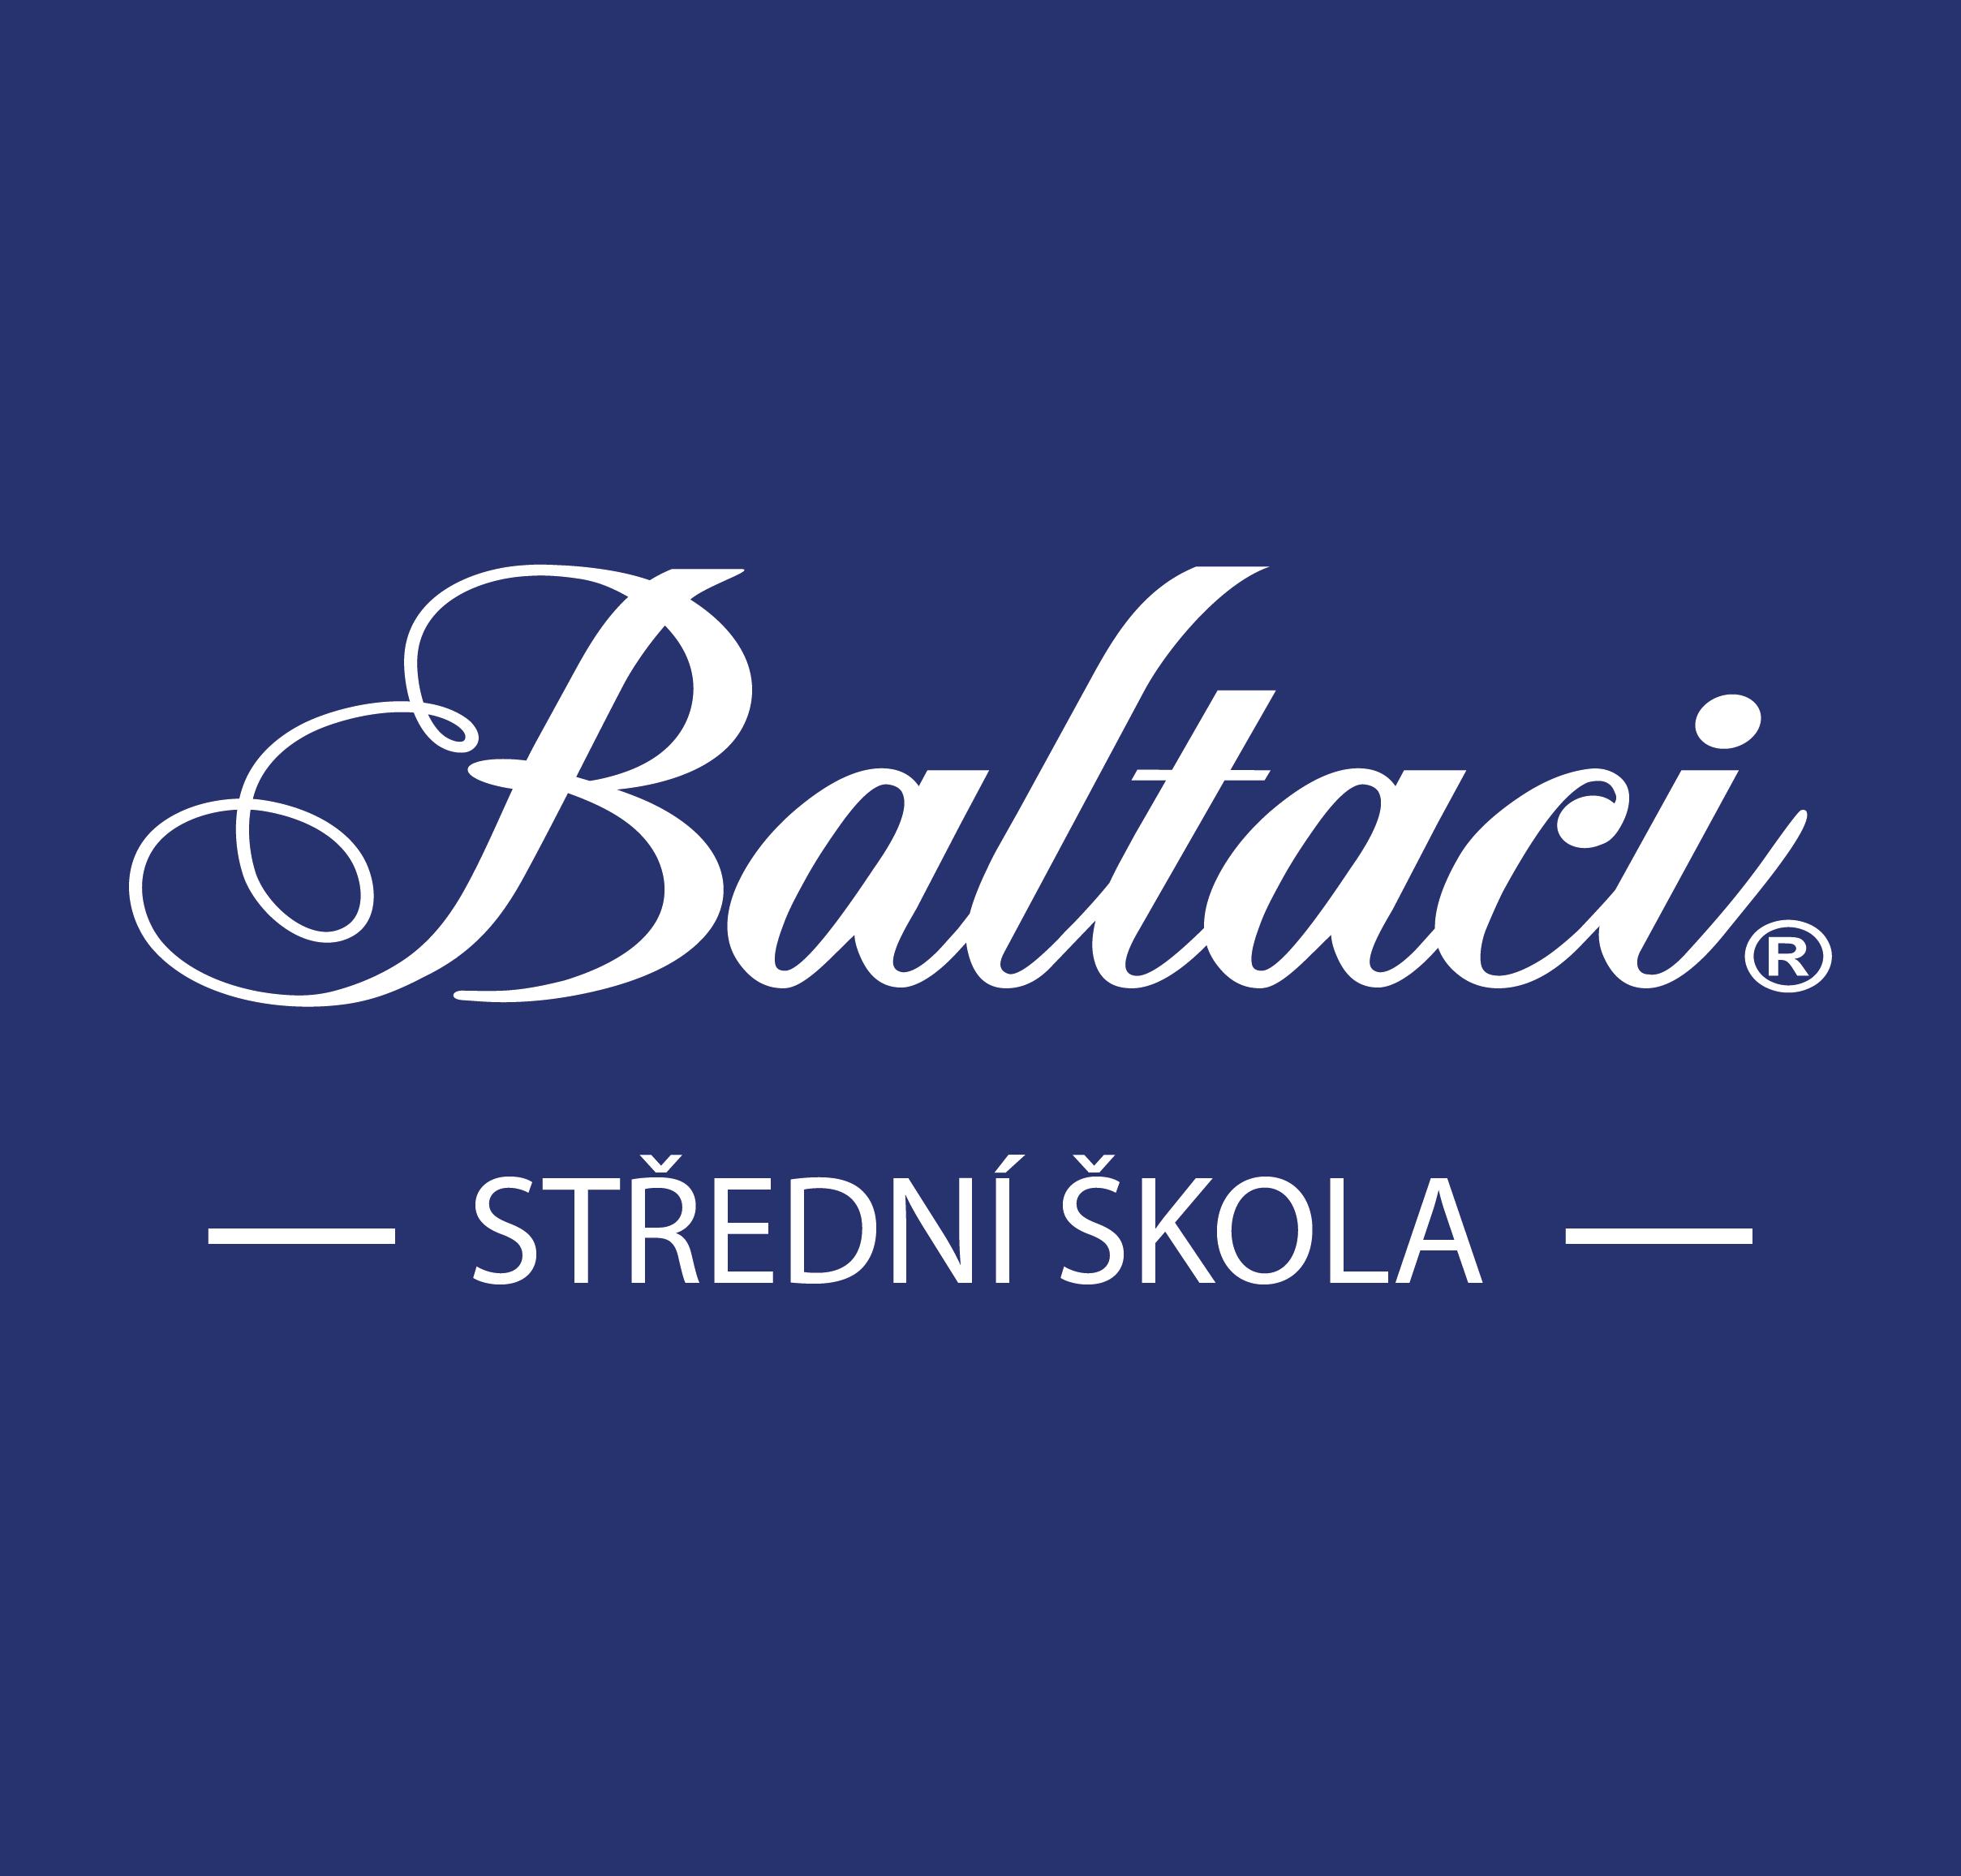 Střední škola Baltaci